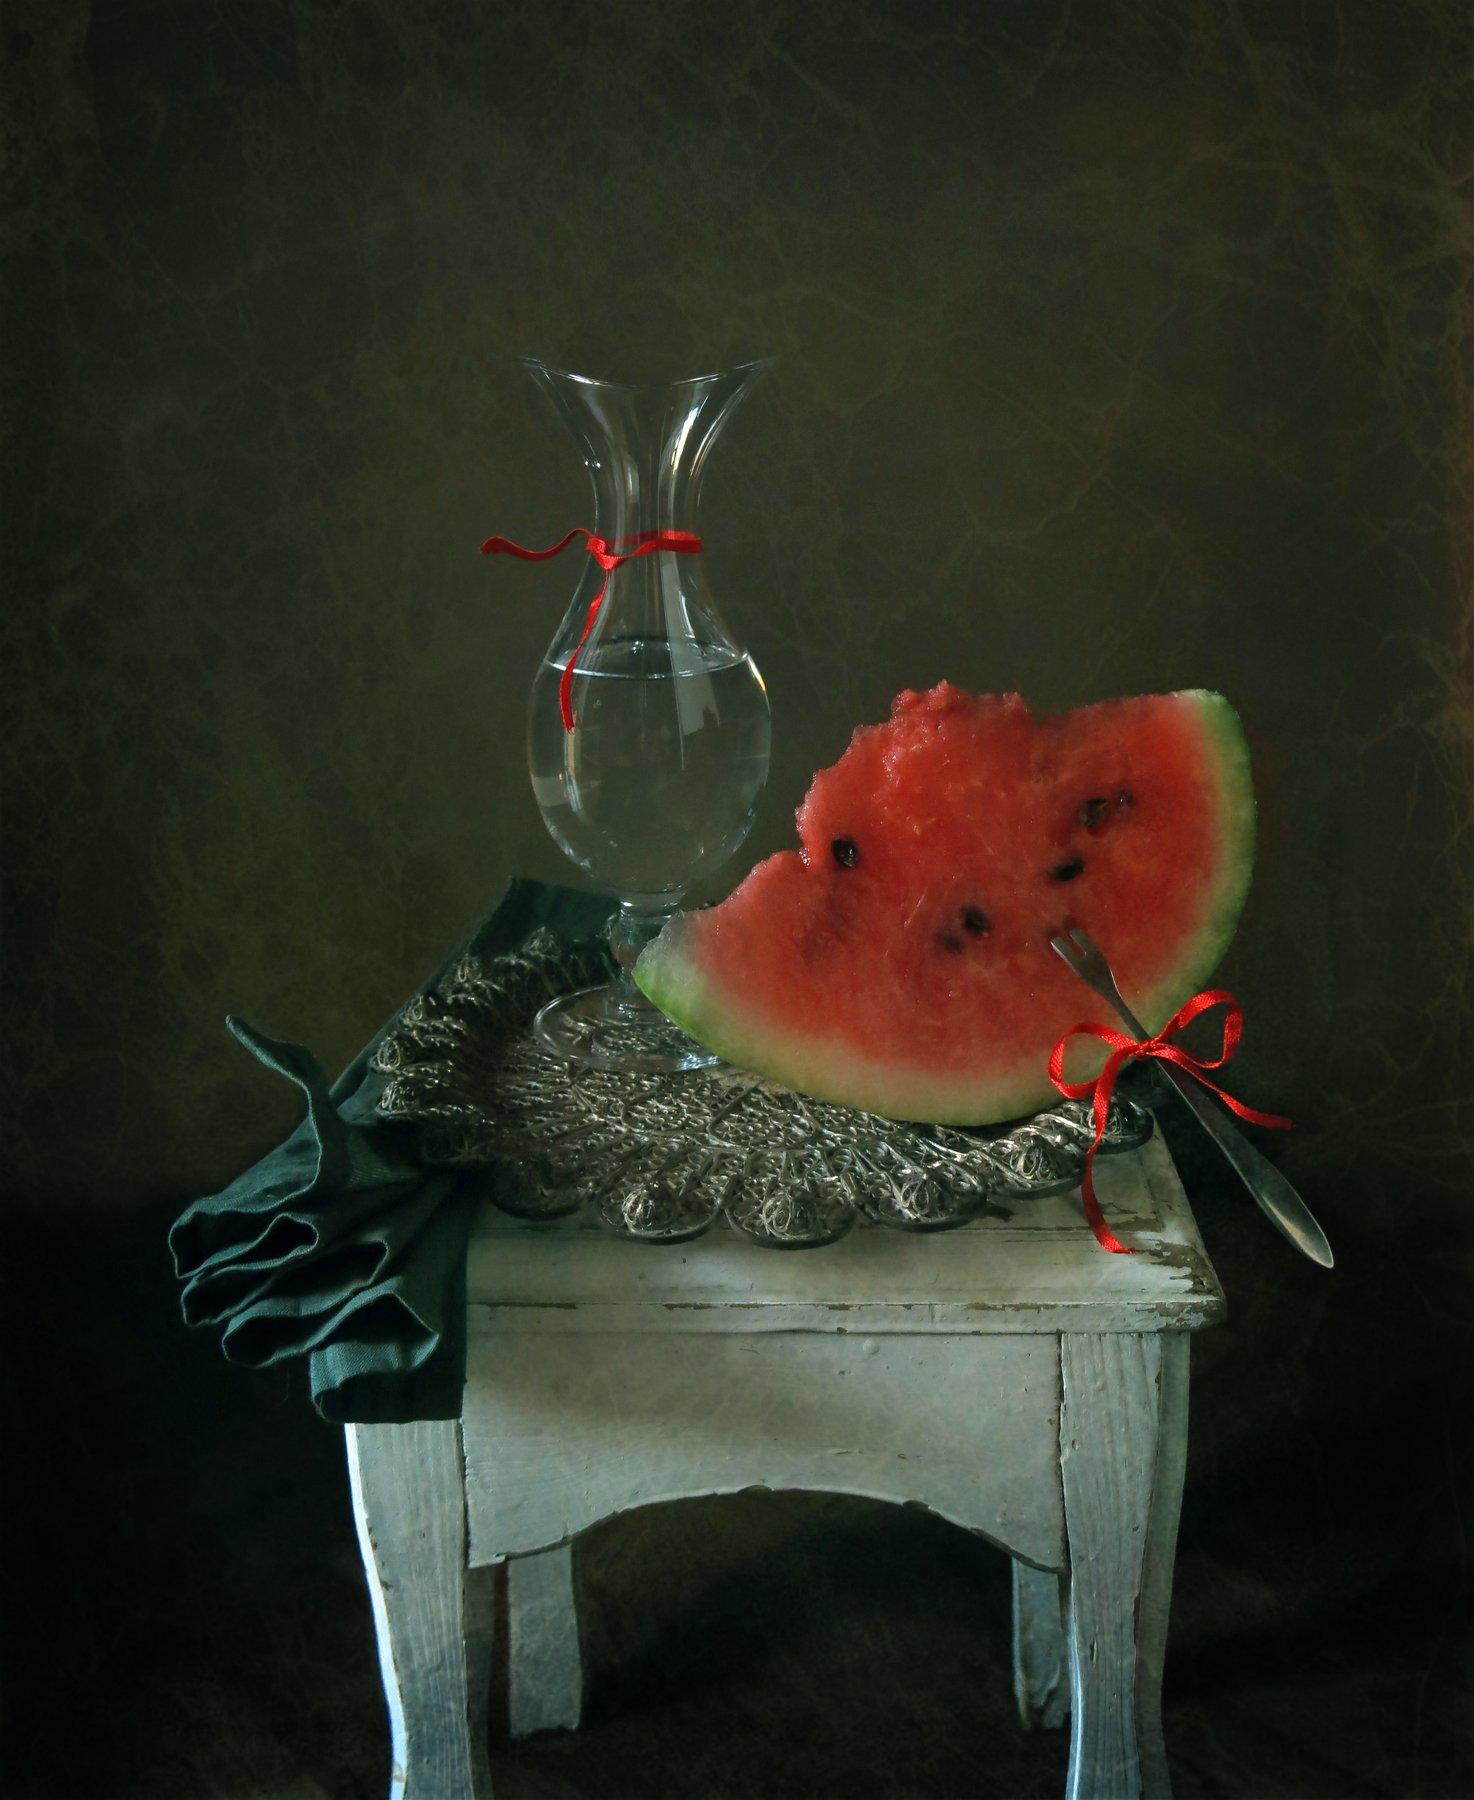 арбуз, лето, лента, вода, поднос, натюрморт, посуда, Елена Лысенко